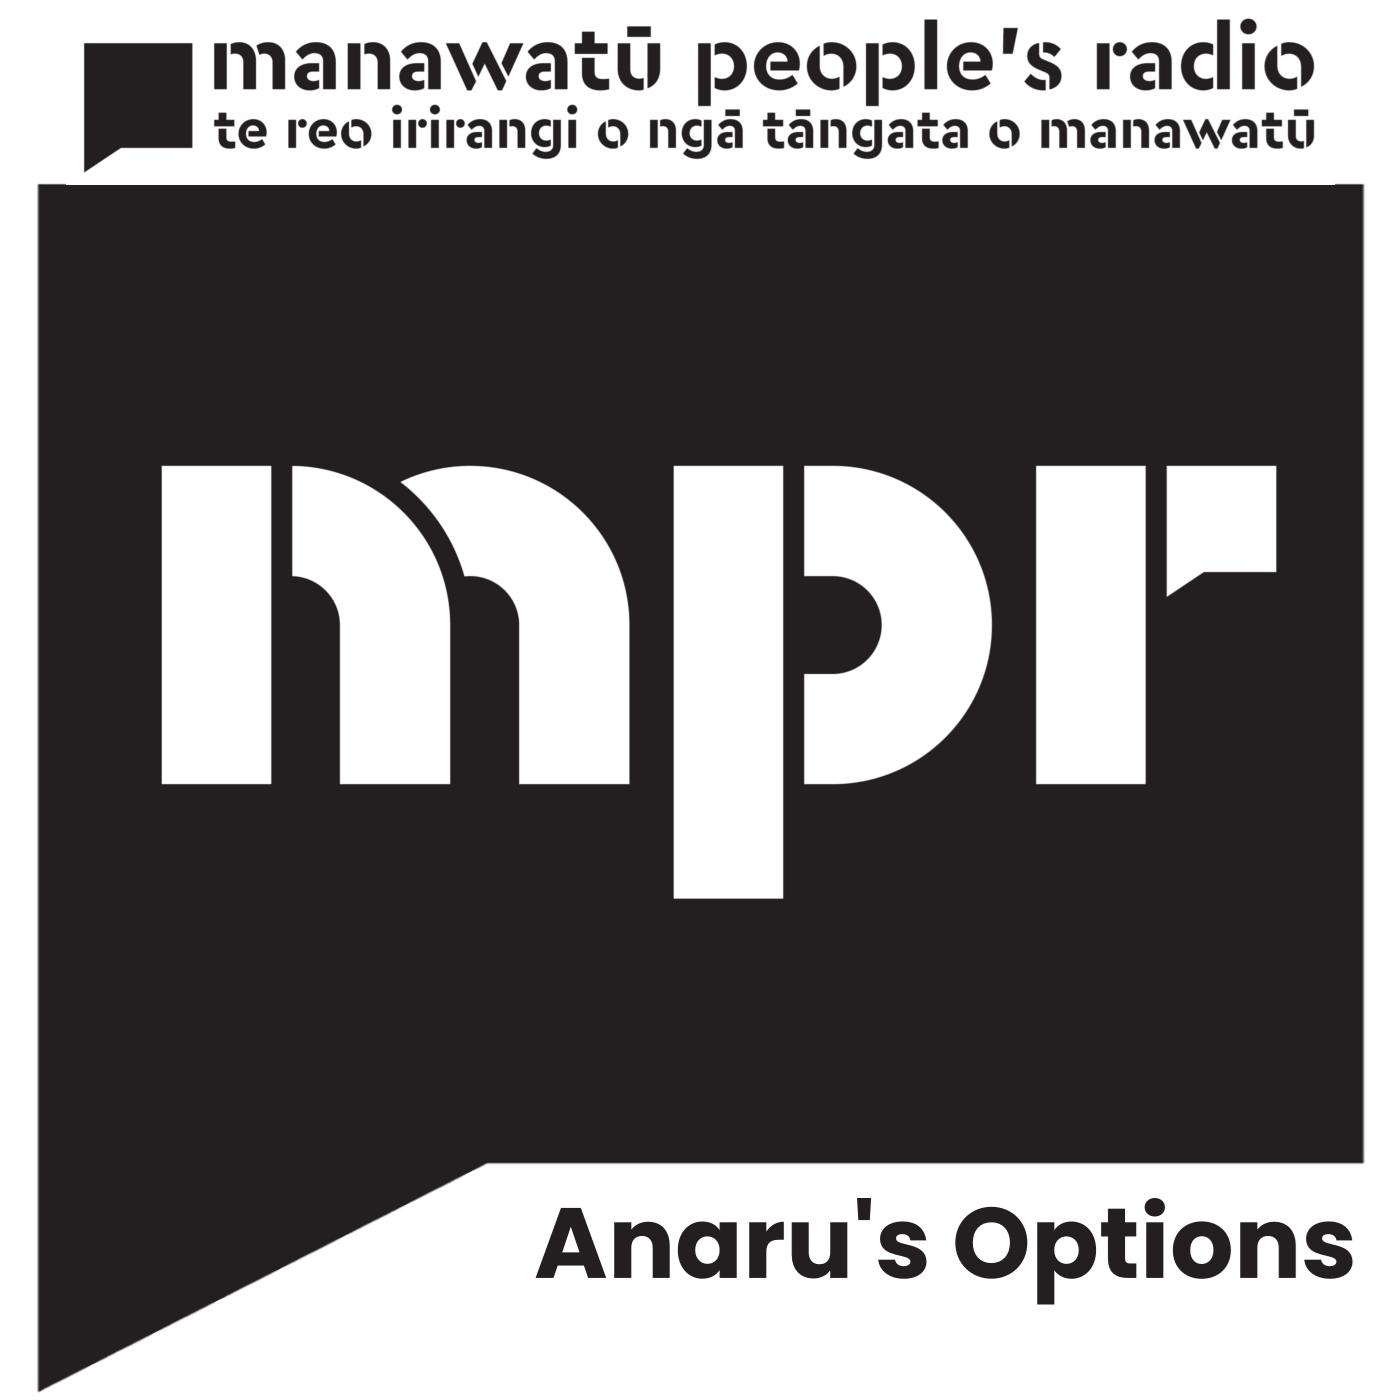 Anaru's Options